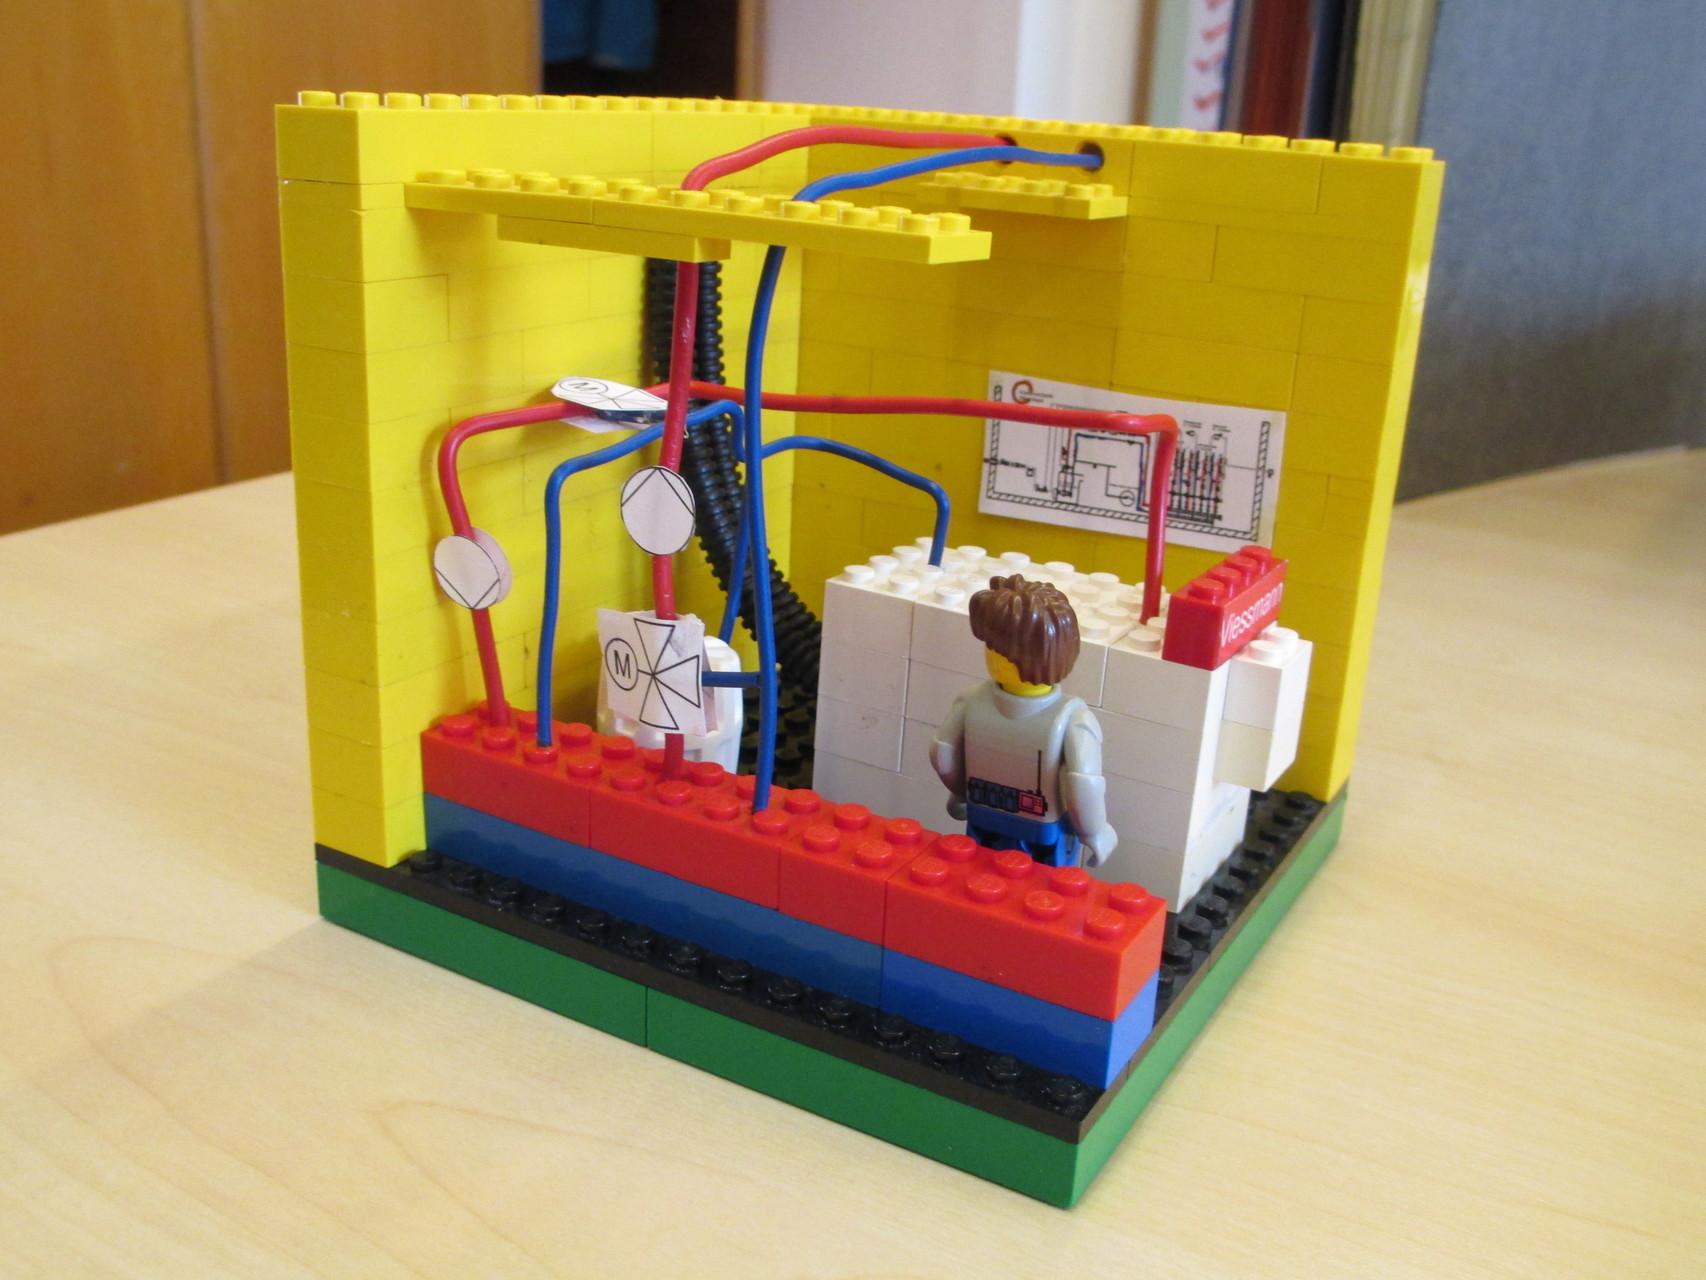 Heizzentrale - Anschauungsmodell für die Präsentation